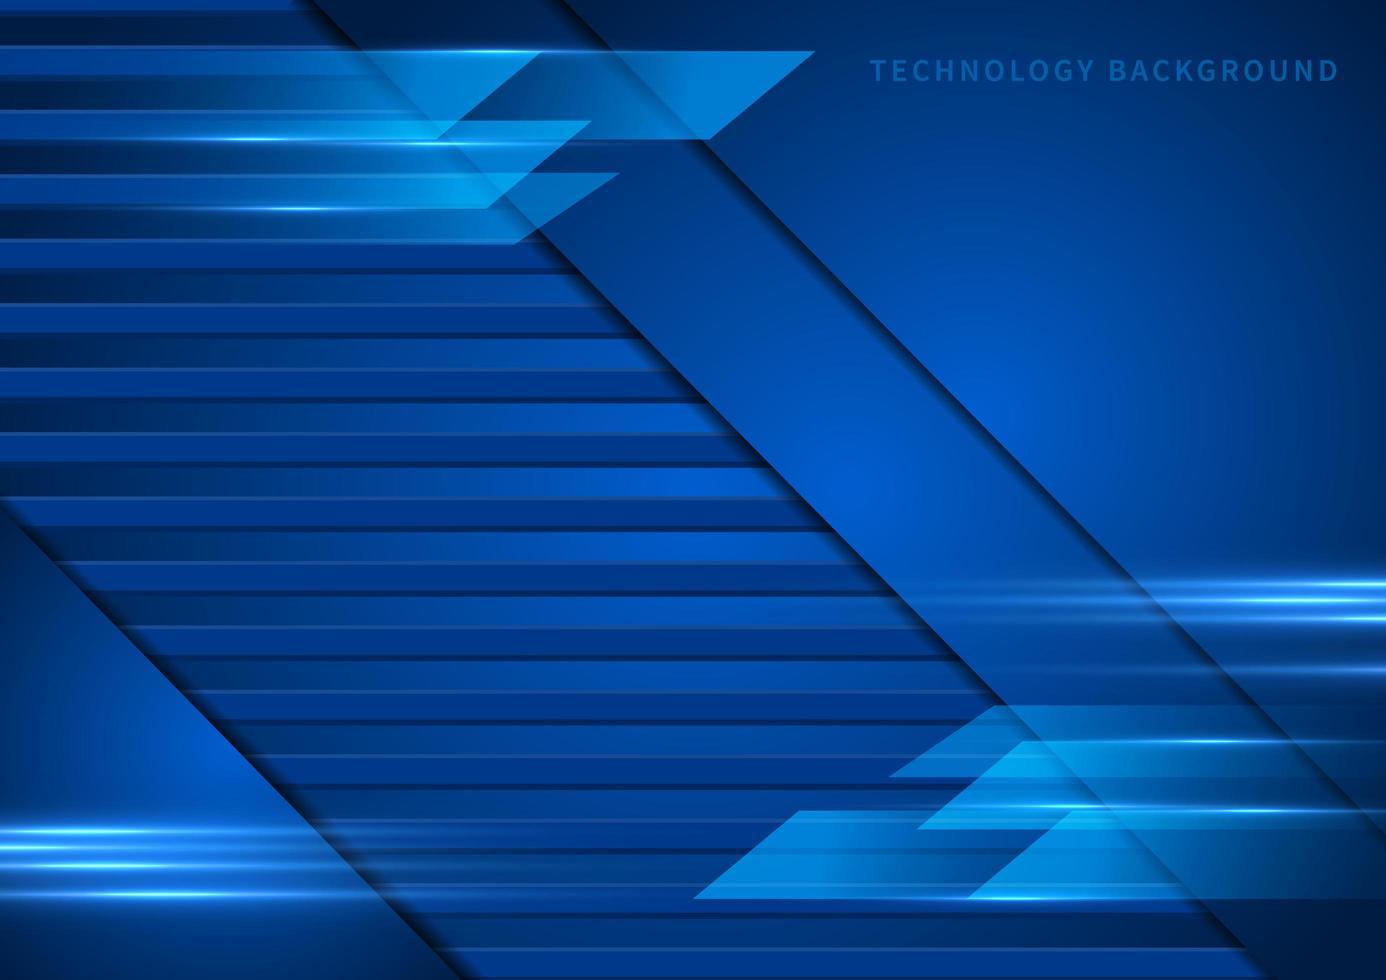 tecnología, fondo azul abstracto y geométrico vector